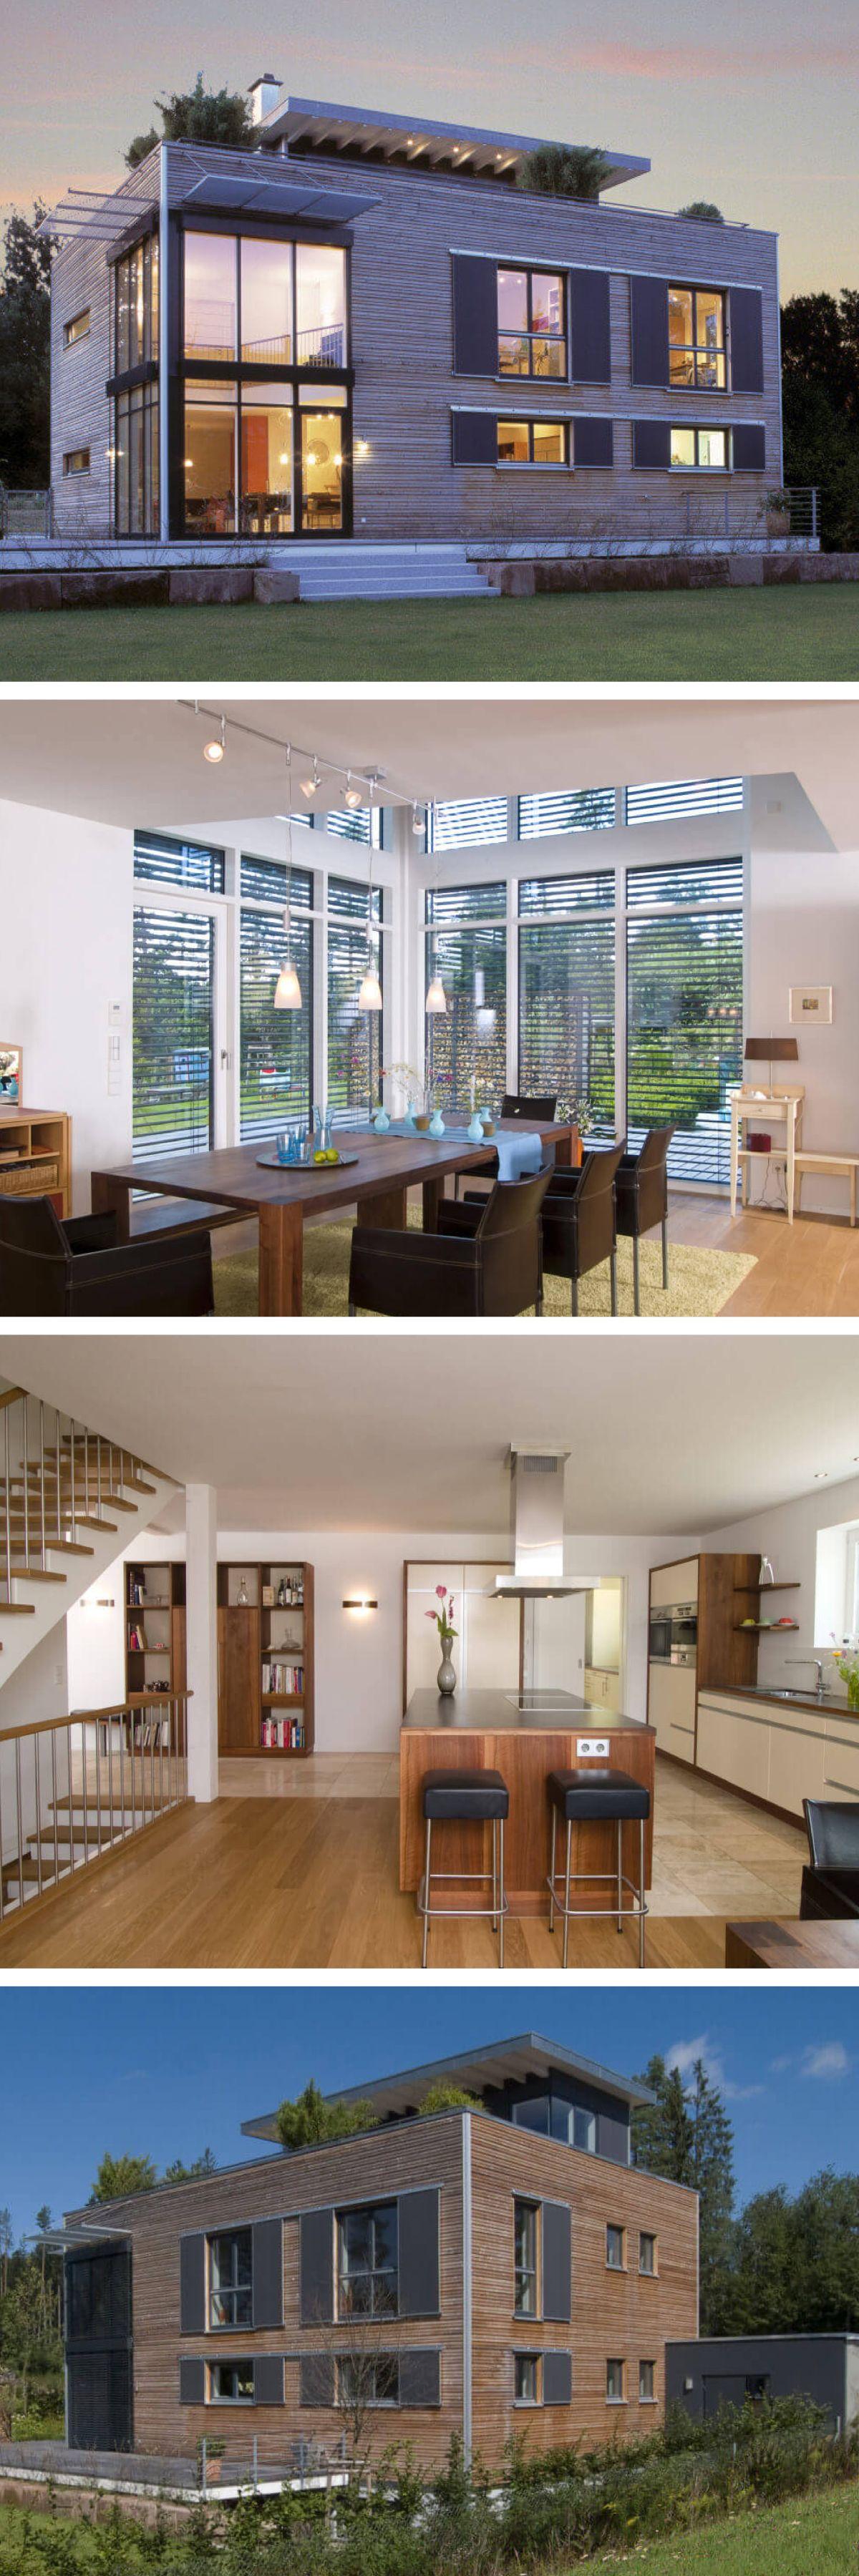 Modernes Design-Haus mit Galerie Flachdach-Architektur und ...